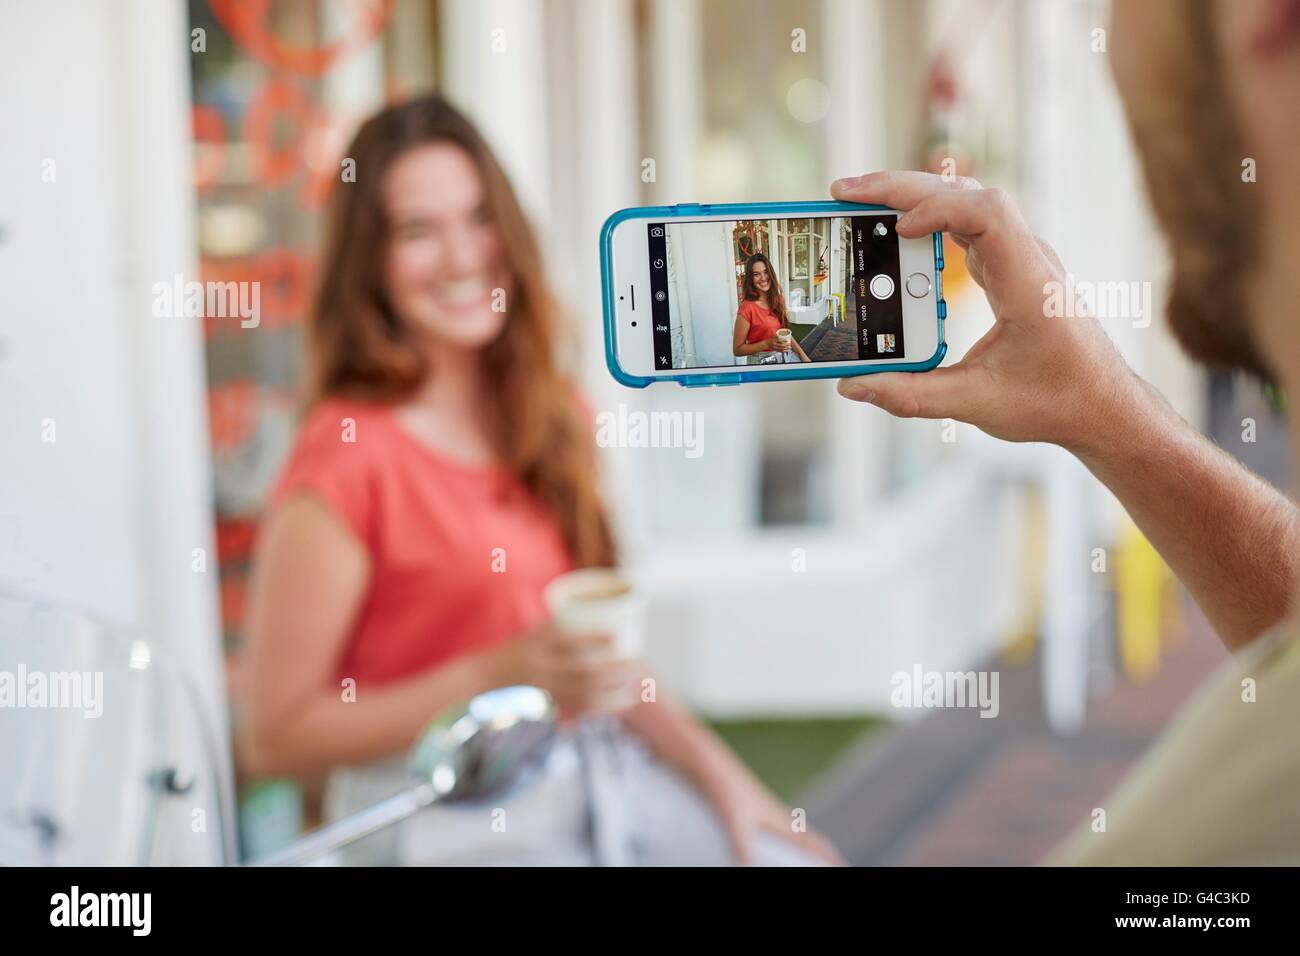 -MODELL VERÖFFENTLICHT. Foto der Person nehmen jungen Frau mit Smartphone. Stockbild